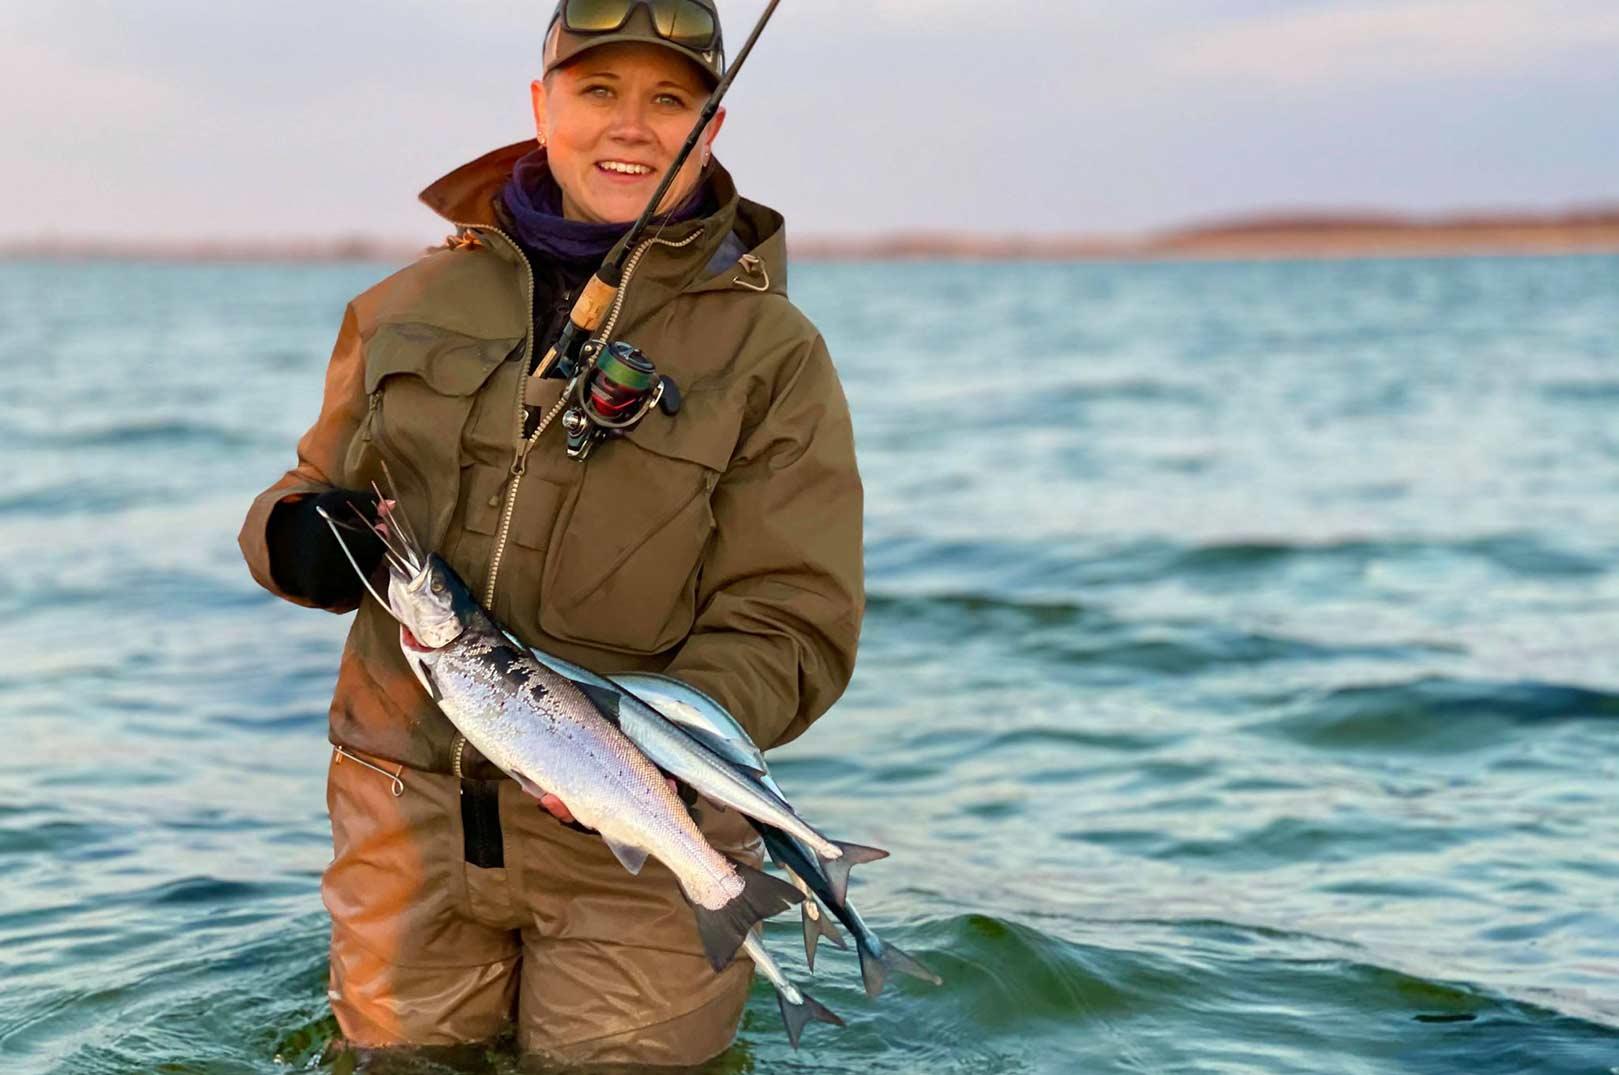 Eriks kæreste med en fin fangst af ørred og hornfisk.